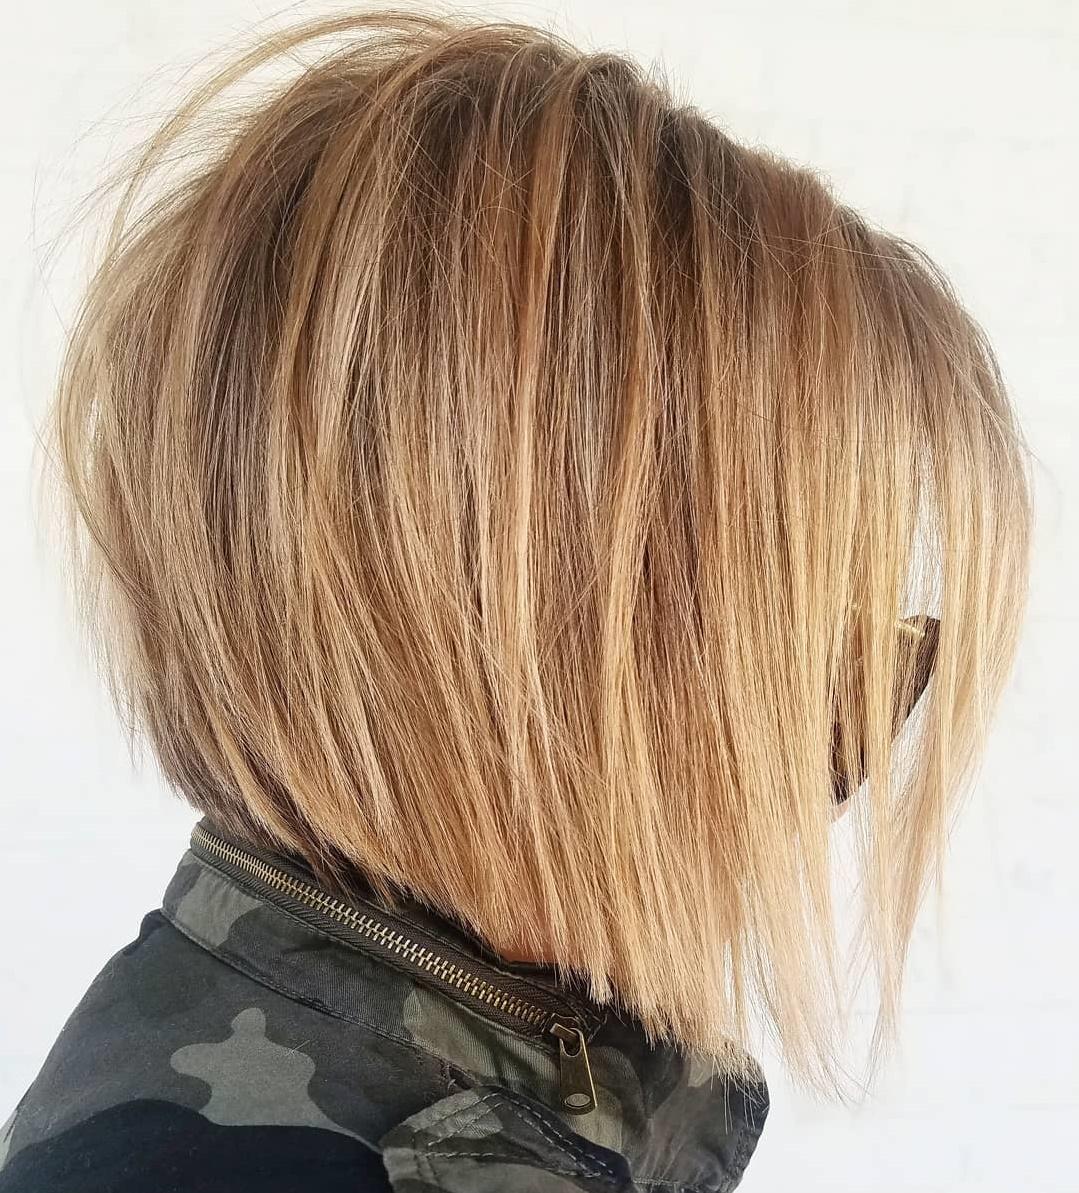 Tousled Angled Caramel Blonde Bob